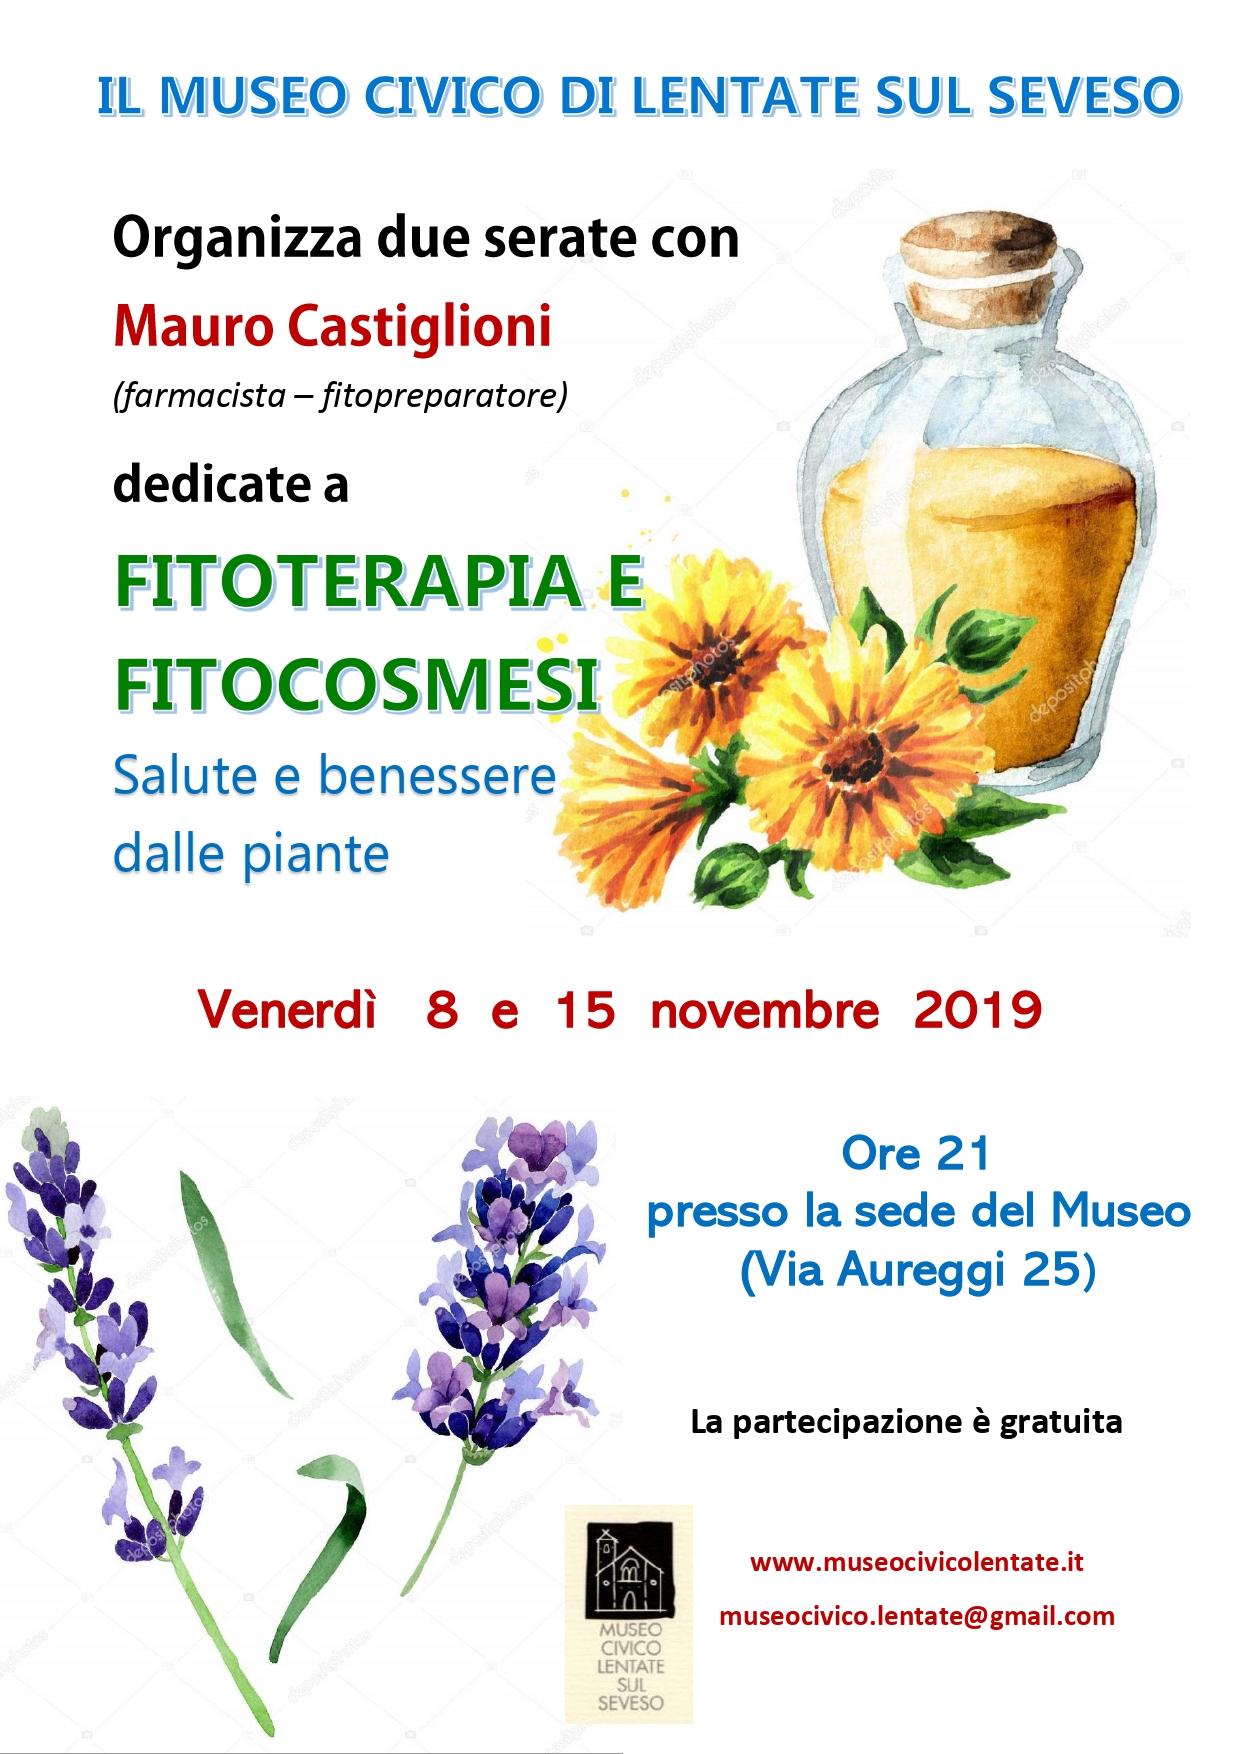 Fitoterapia E Fitocosmesi Museo Civico Di Lentate Sul Seveso